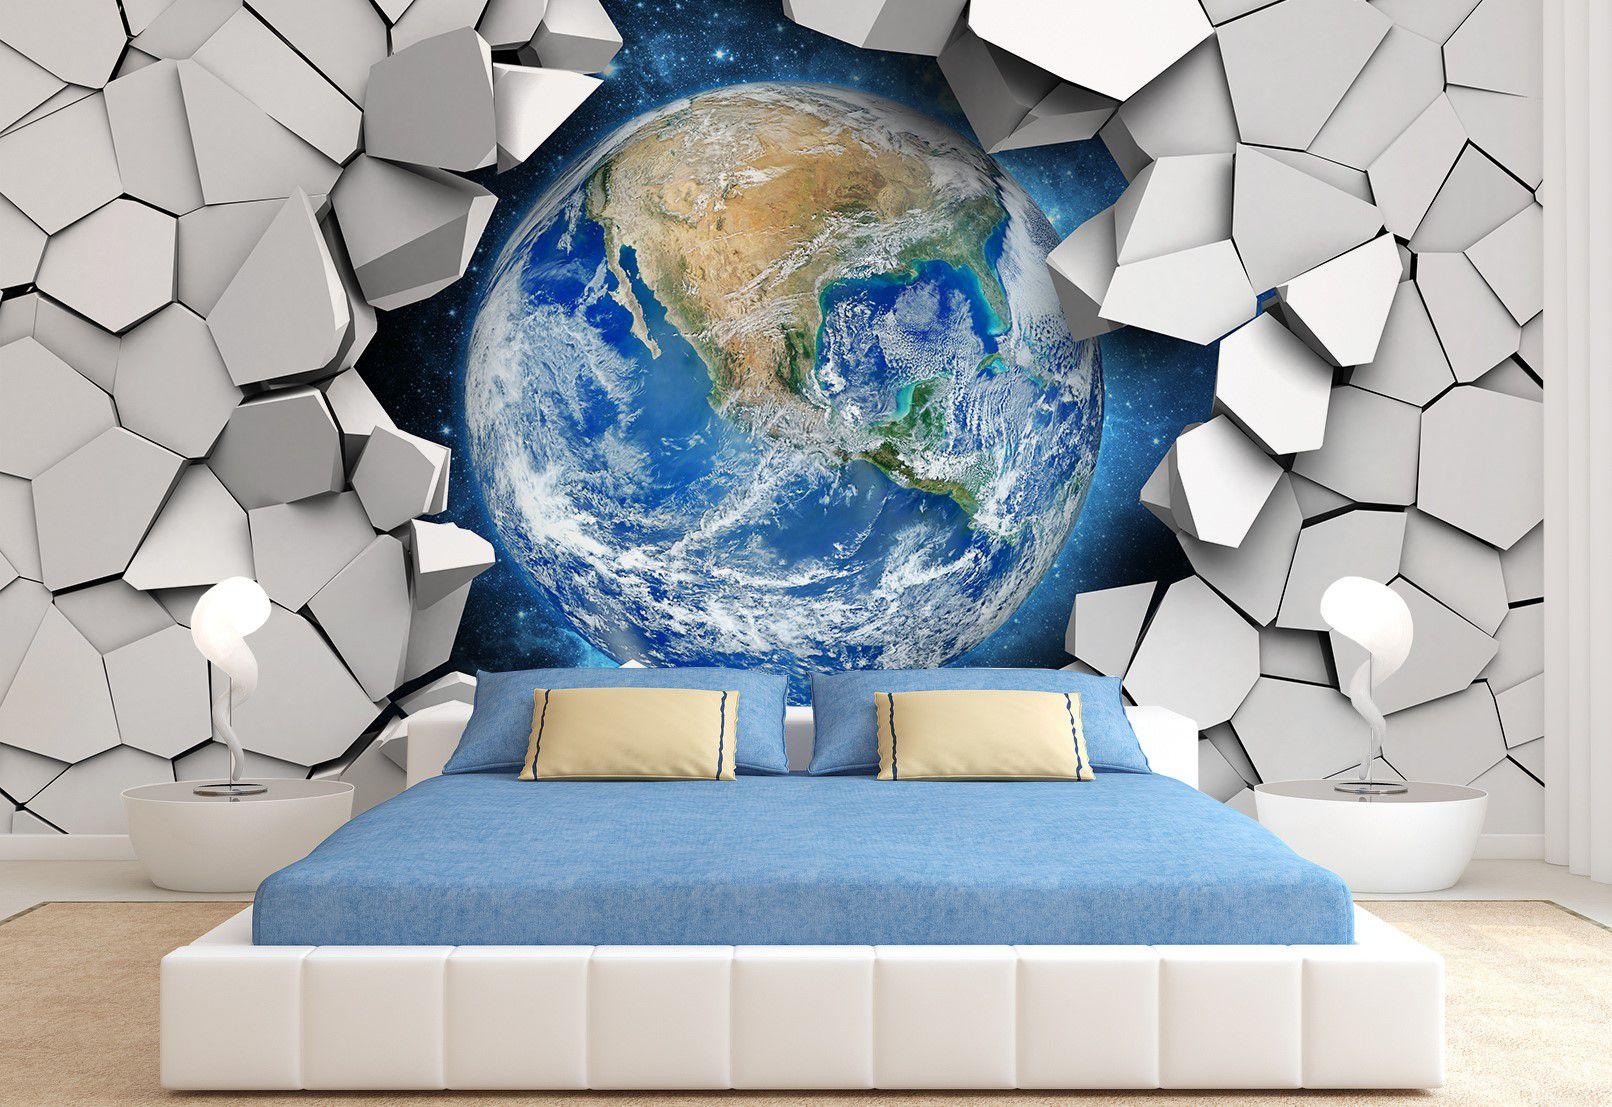 Объемные изображения для стен: где уместно их использовать